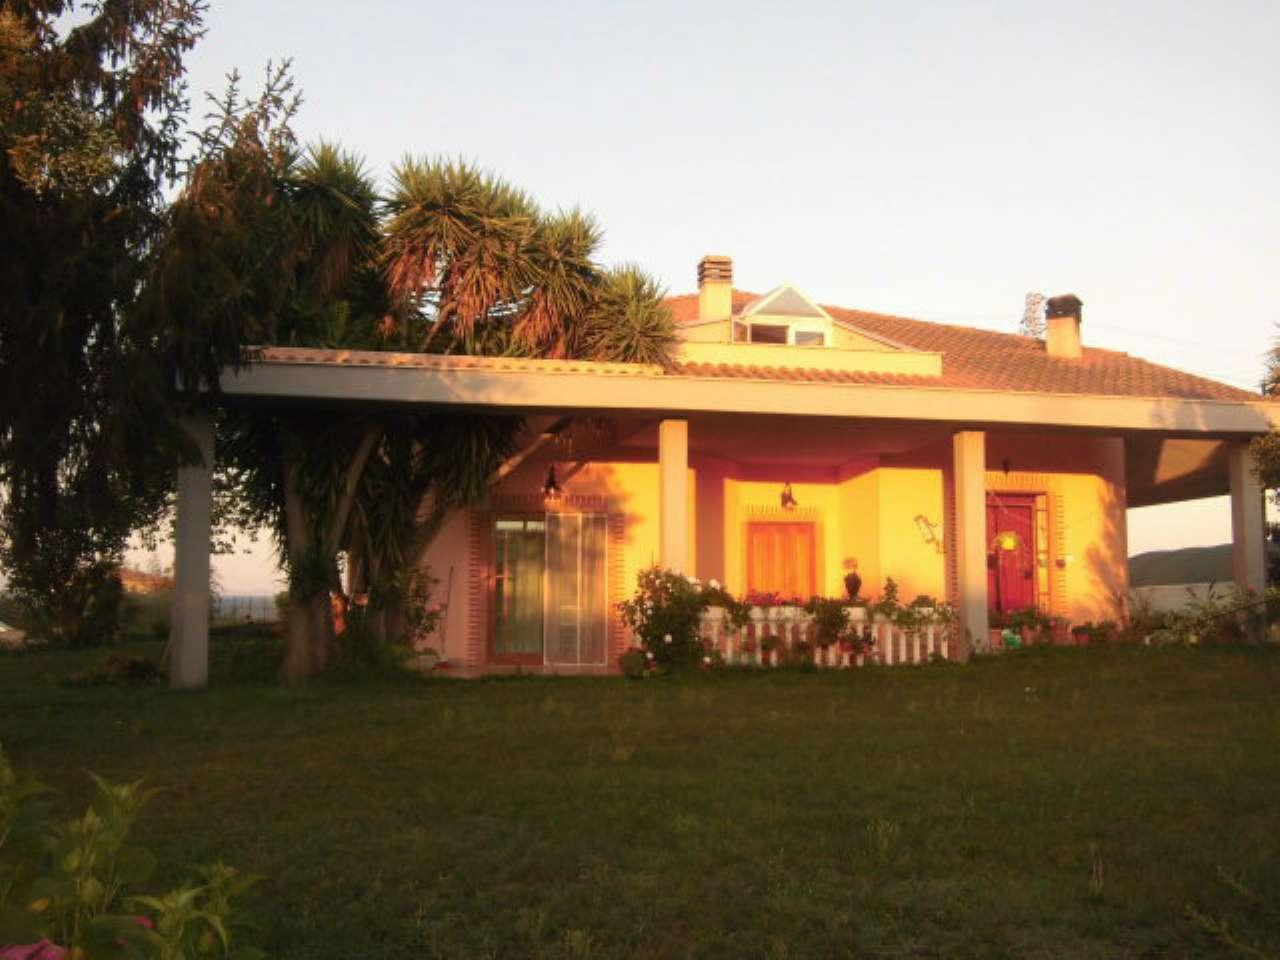 Villa in vendita a Aprilia, 5 locali, prezzo € 229.000 | CambioCasa.it